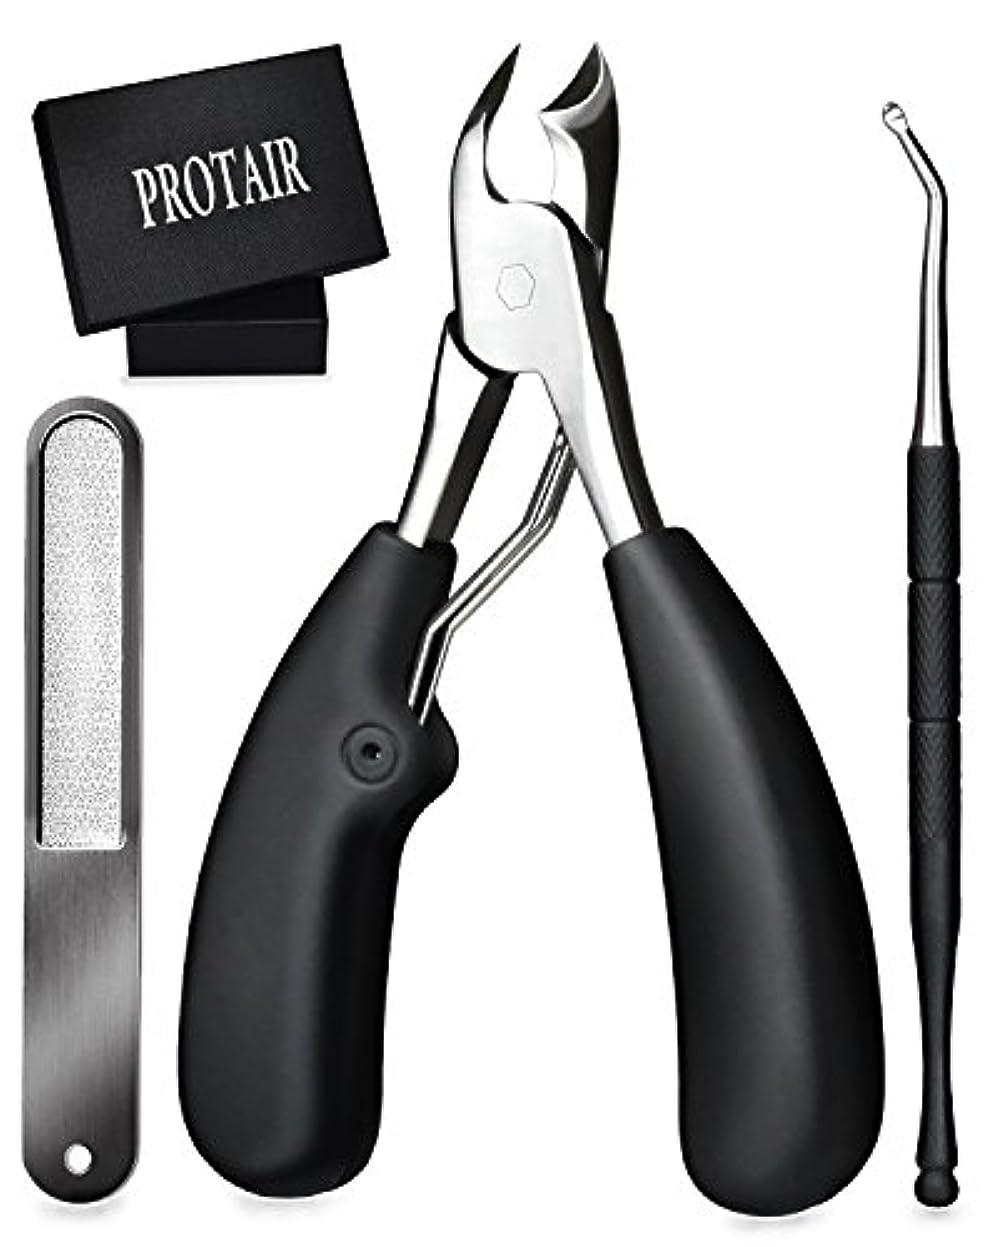 ハブブ是正する封筒PROTAIR 爪切り ニッパー 巻き爪 硬い爪などにも対応、ゾンデと爪やすり付き